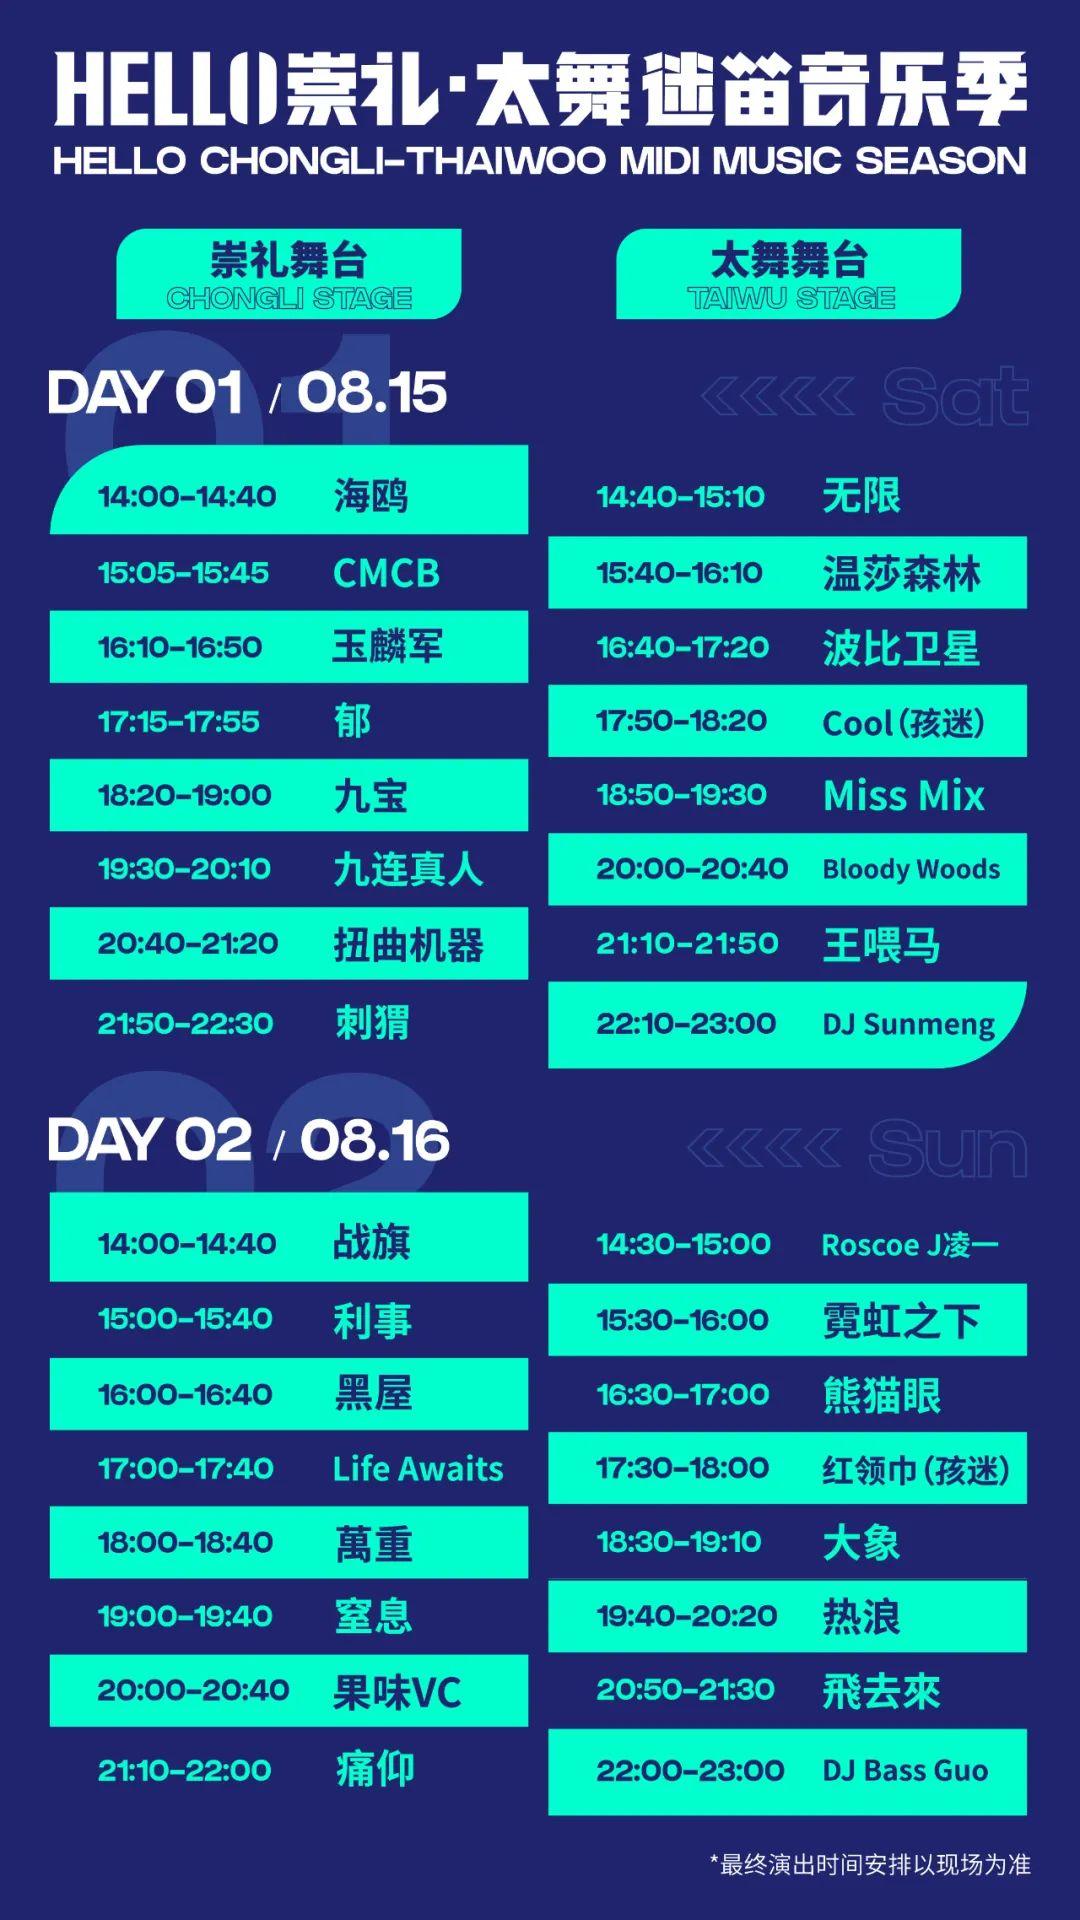 九宝乐队2019太湖迷笛音乐节演出全长视频,燥起来! 蒙古音乐